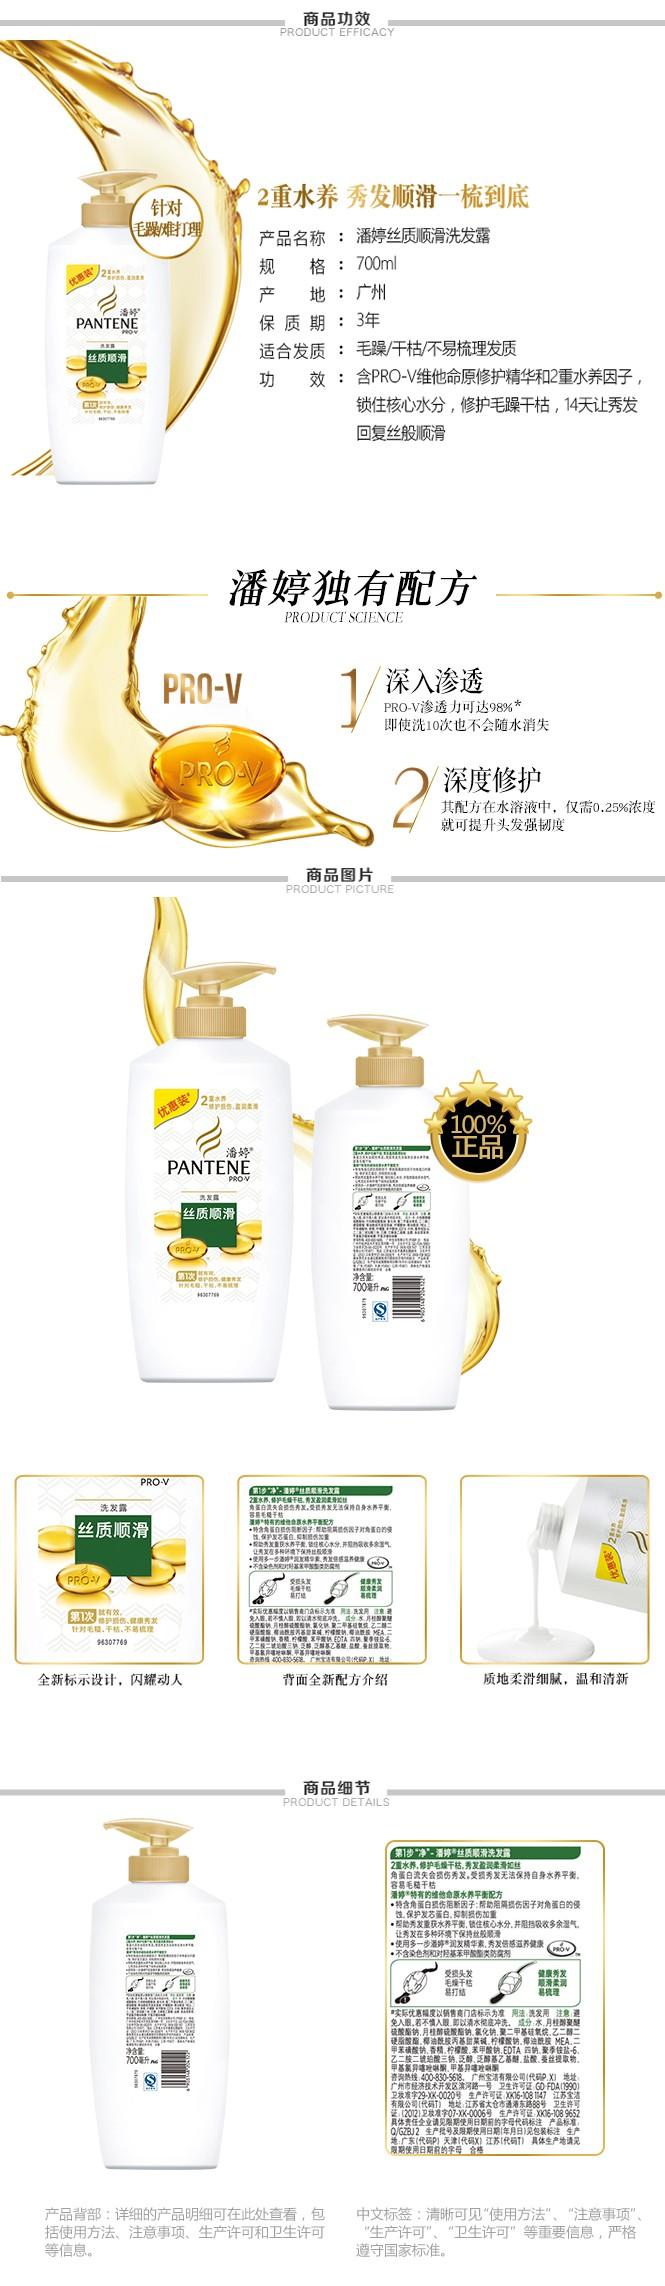 宝洁旗下品牌洗护发专场潘婷丝质修护洗发水700ml